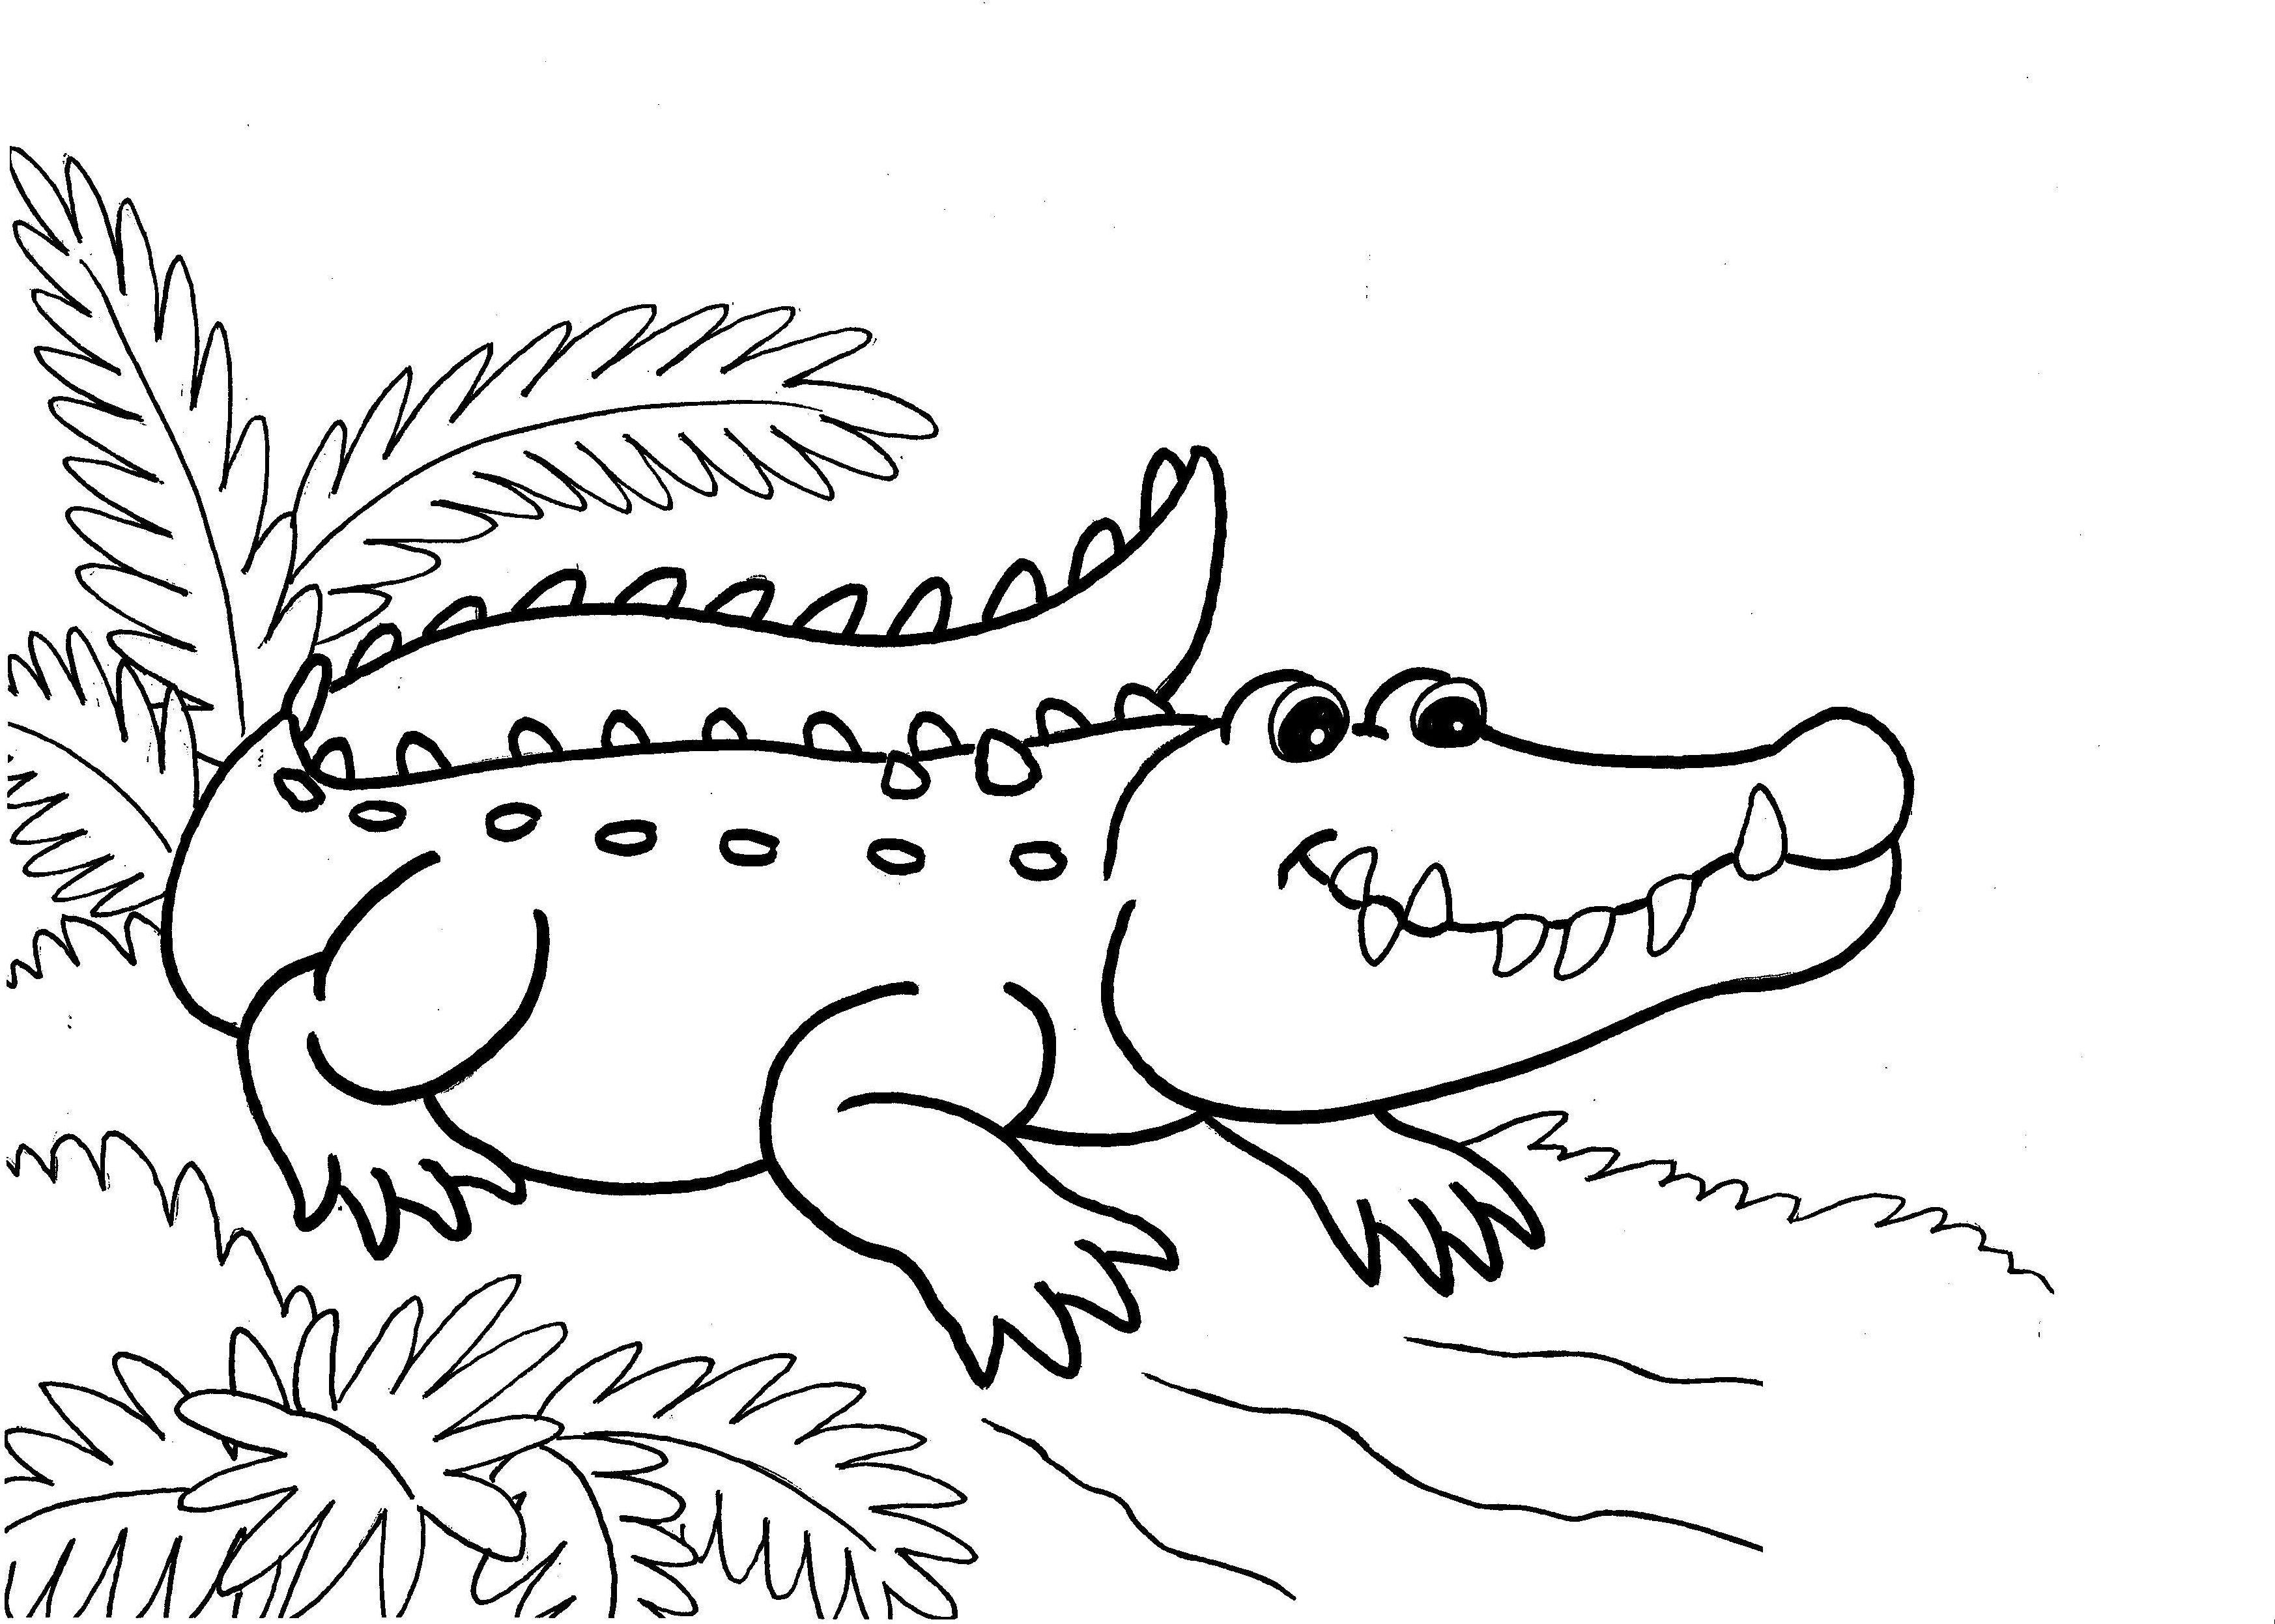 Crocodiles Looking Eating Coloring Pages For Kids Bxw Printable Crocodiles Coloring Pages For Kids Buku Mewarnai Warna Gambar